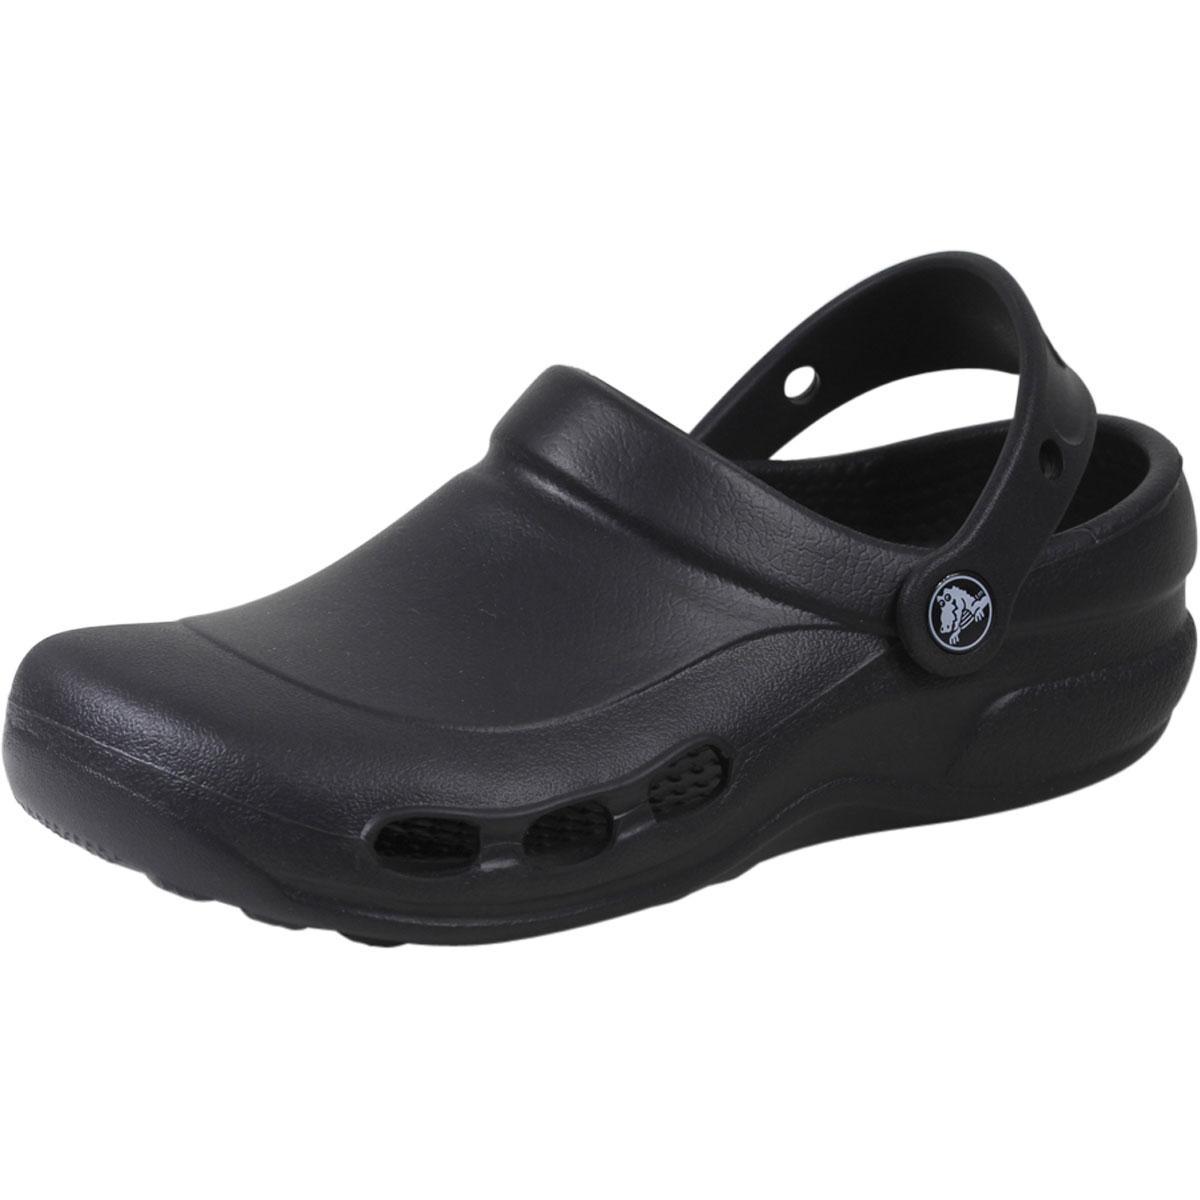 Image of Crocs At Work Specialist Vent Clogs Sandals Shoes - Black - 5 D(M) US/7 B(M) US